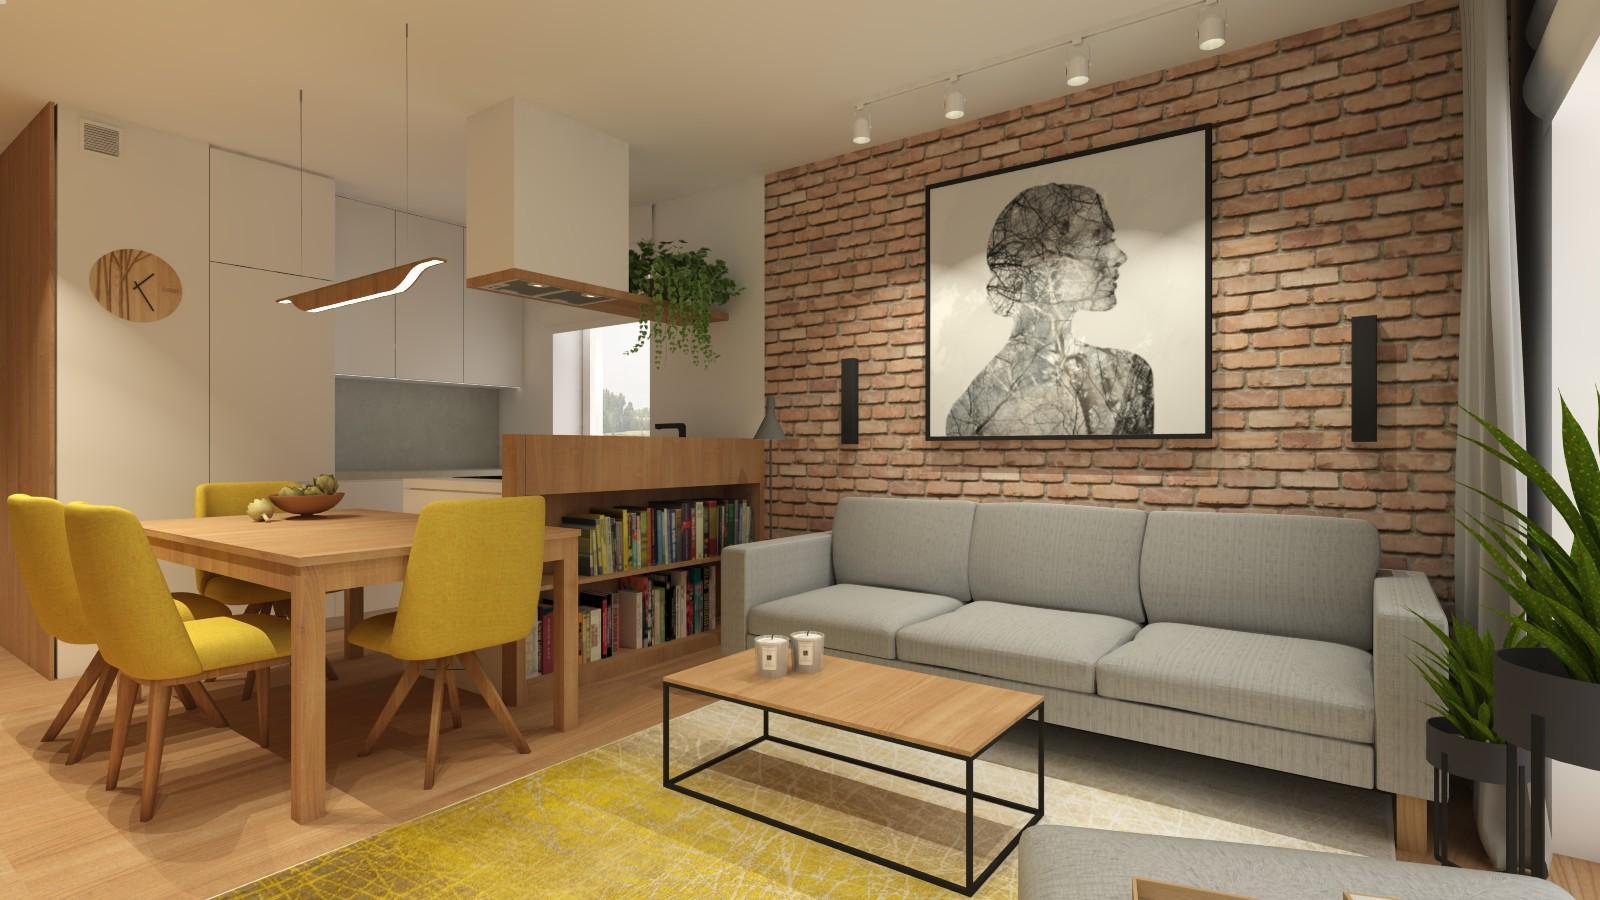 duzy-obraz-grafika-nad-szara-kanapa-styl-loftowy-jadalnia-ze-stolem-zoltymi-krzeslami